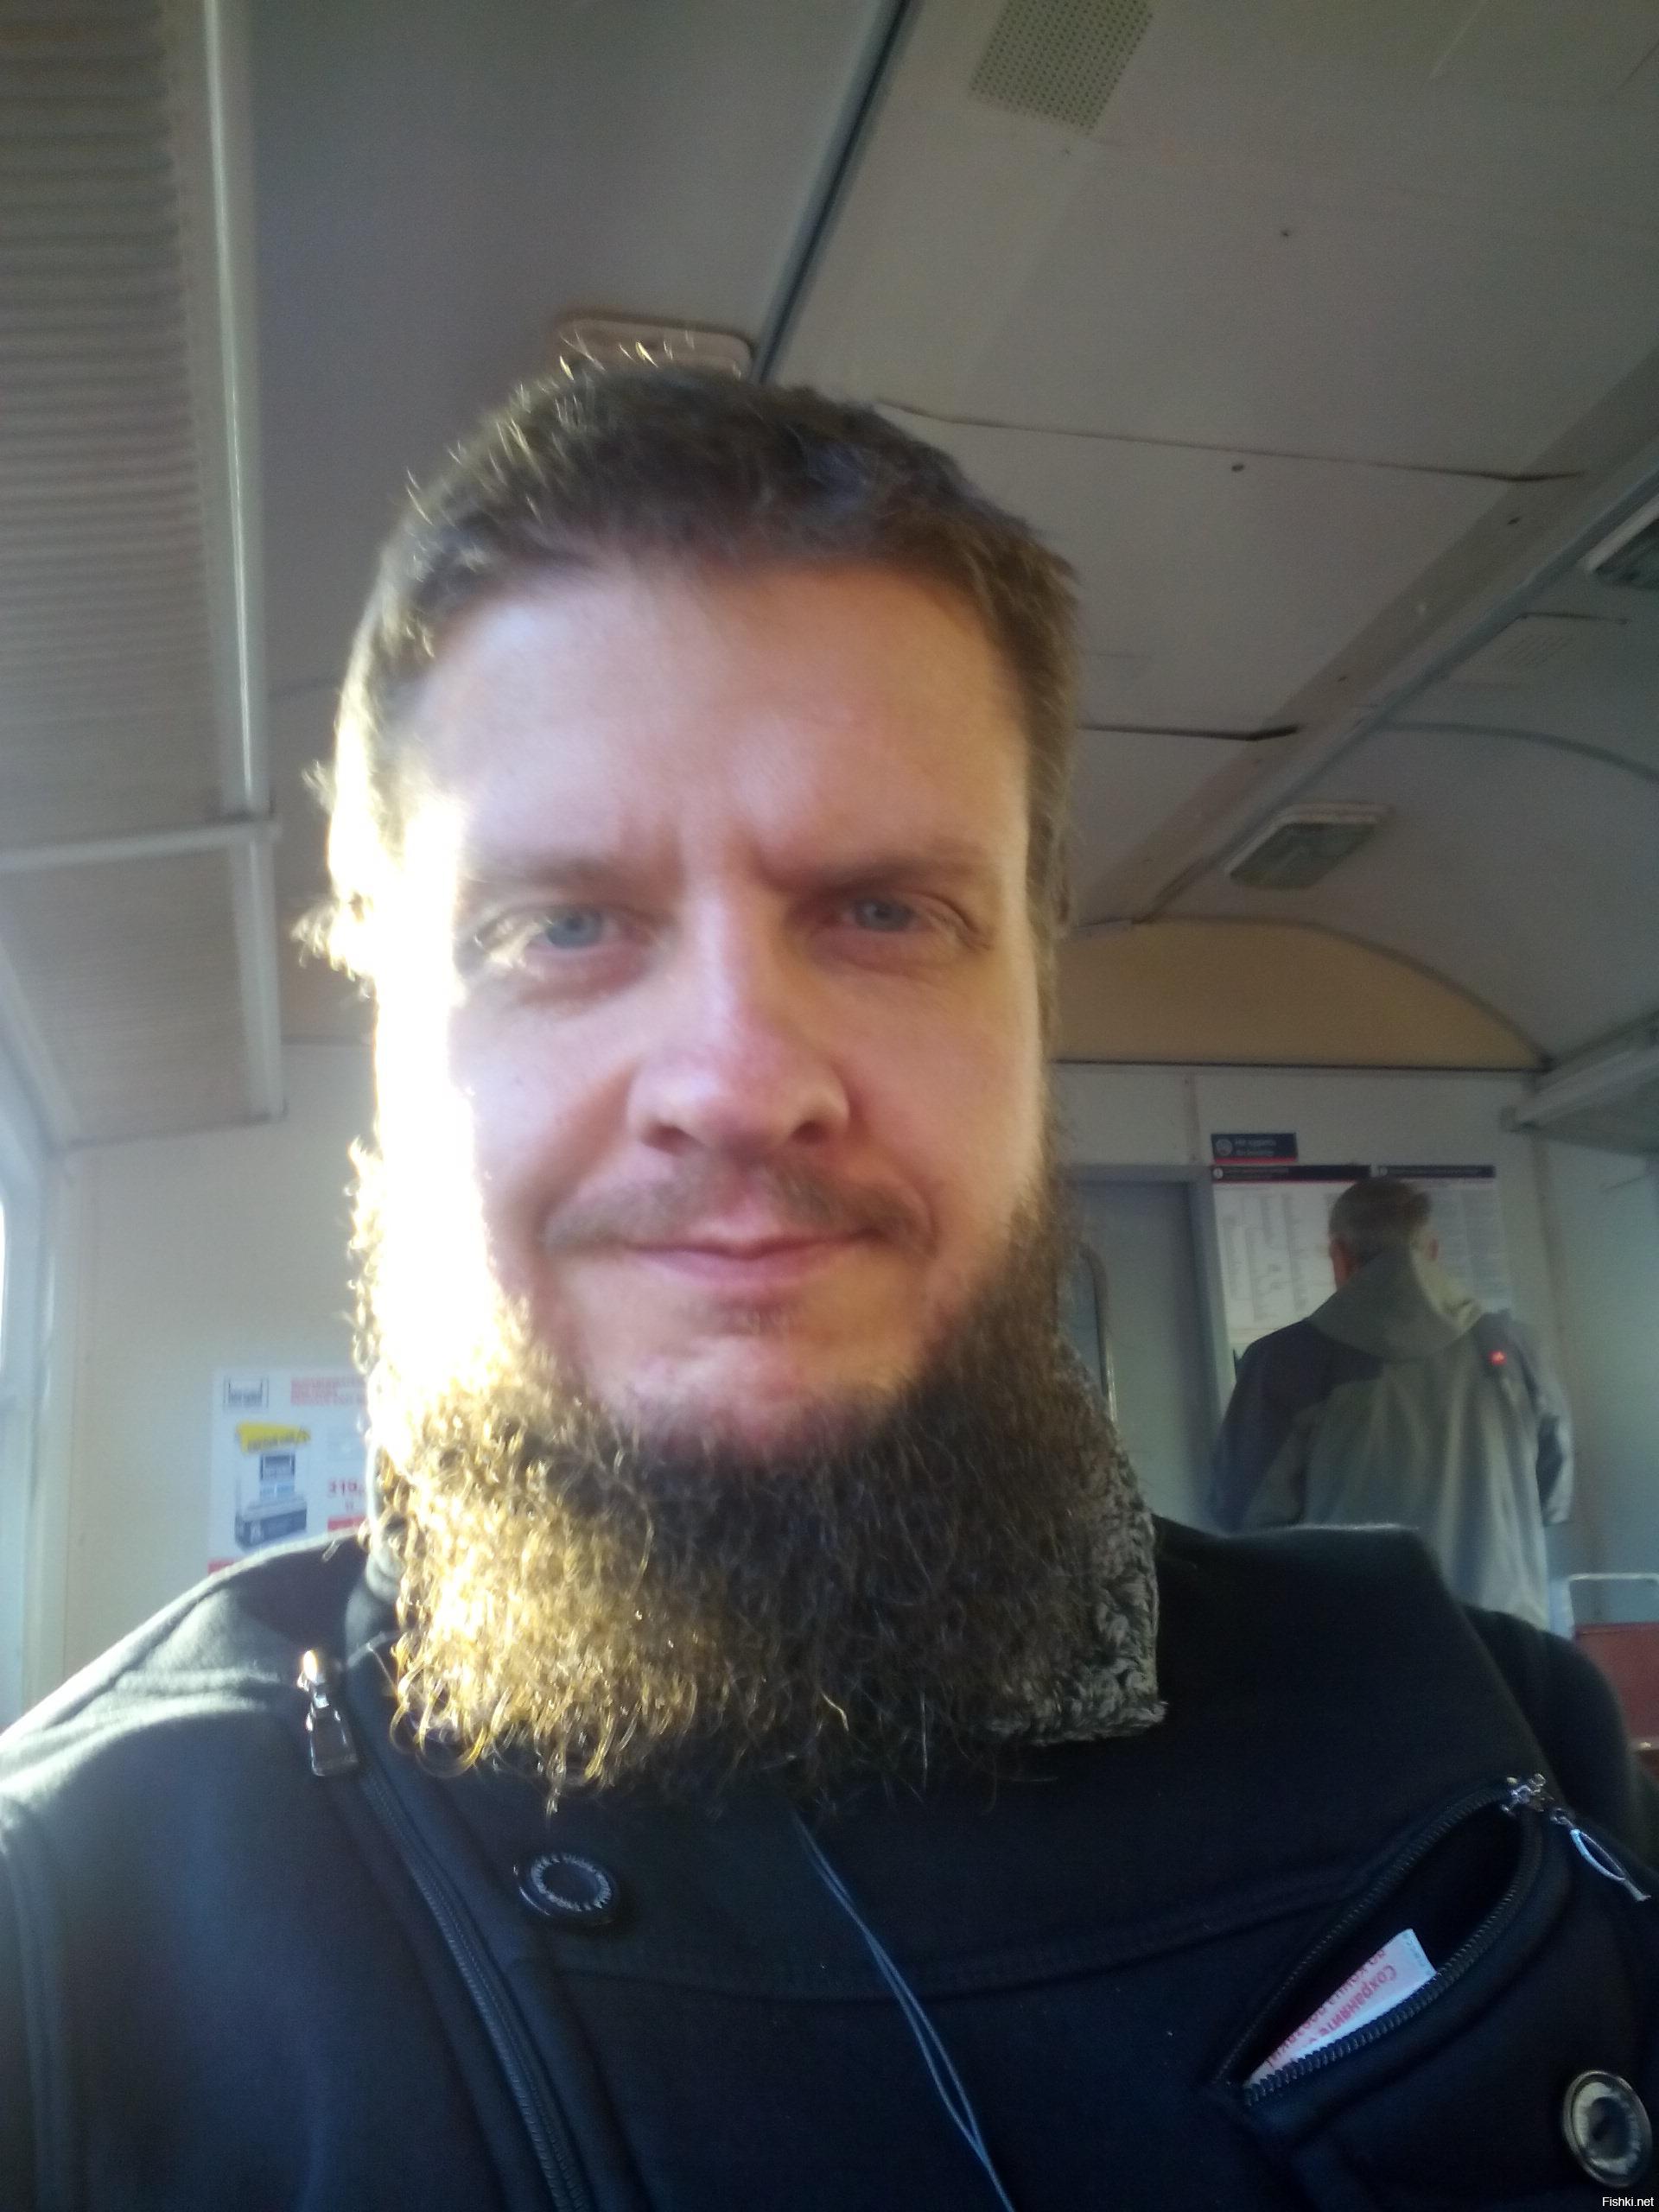 Есть мнение, что борода растет дольше, чем длятся отношения. Так что вопрос - борода или капризы женщин, меня вообще не колышет.